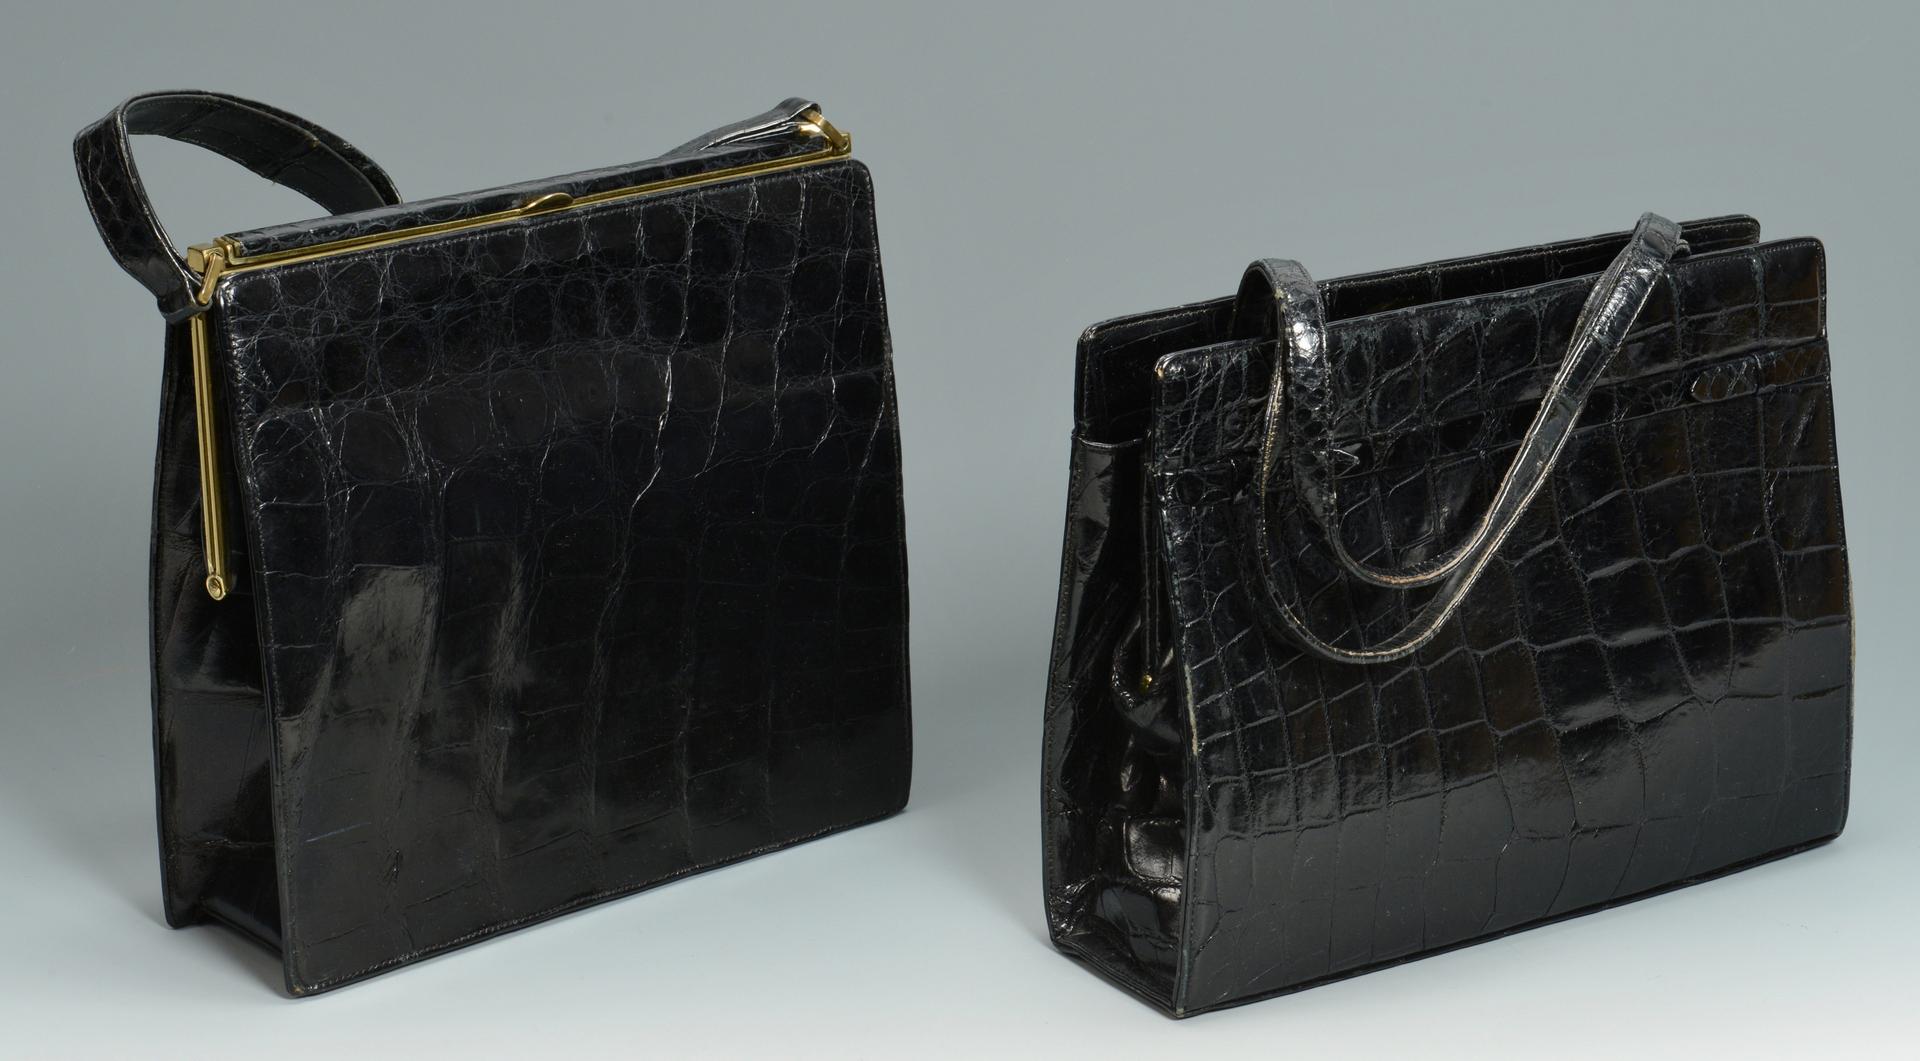 Lot 3088237: 3 Vintage Crocodile/Alligator Handbags plus other